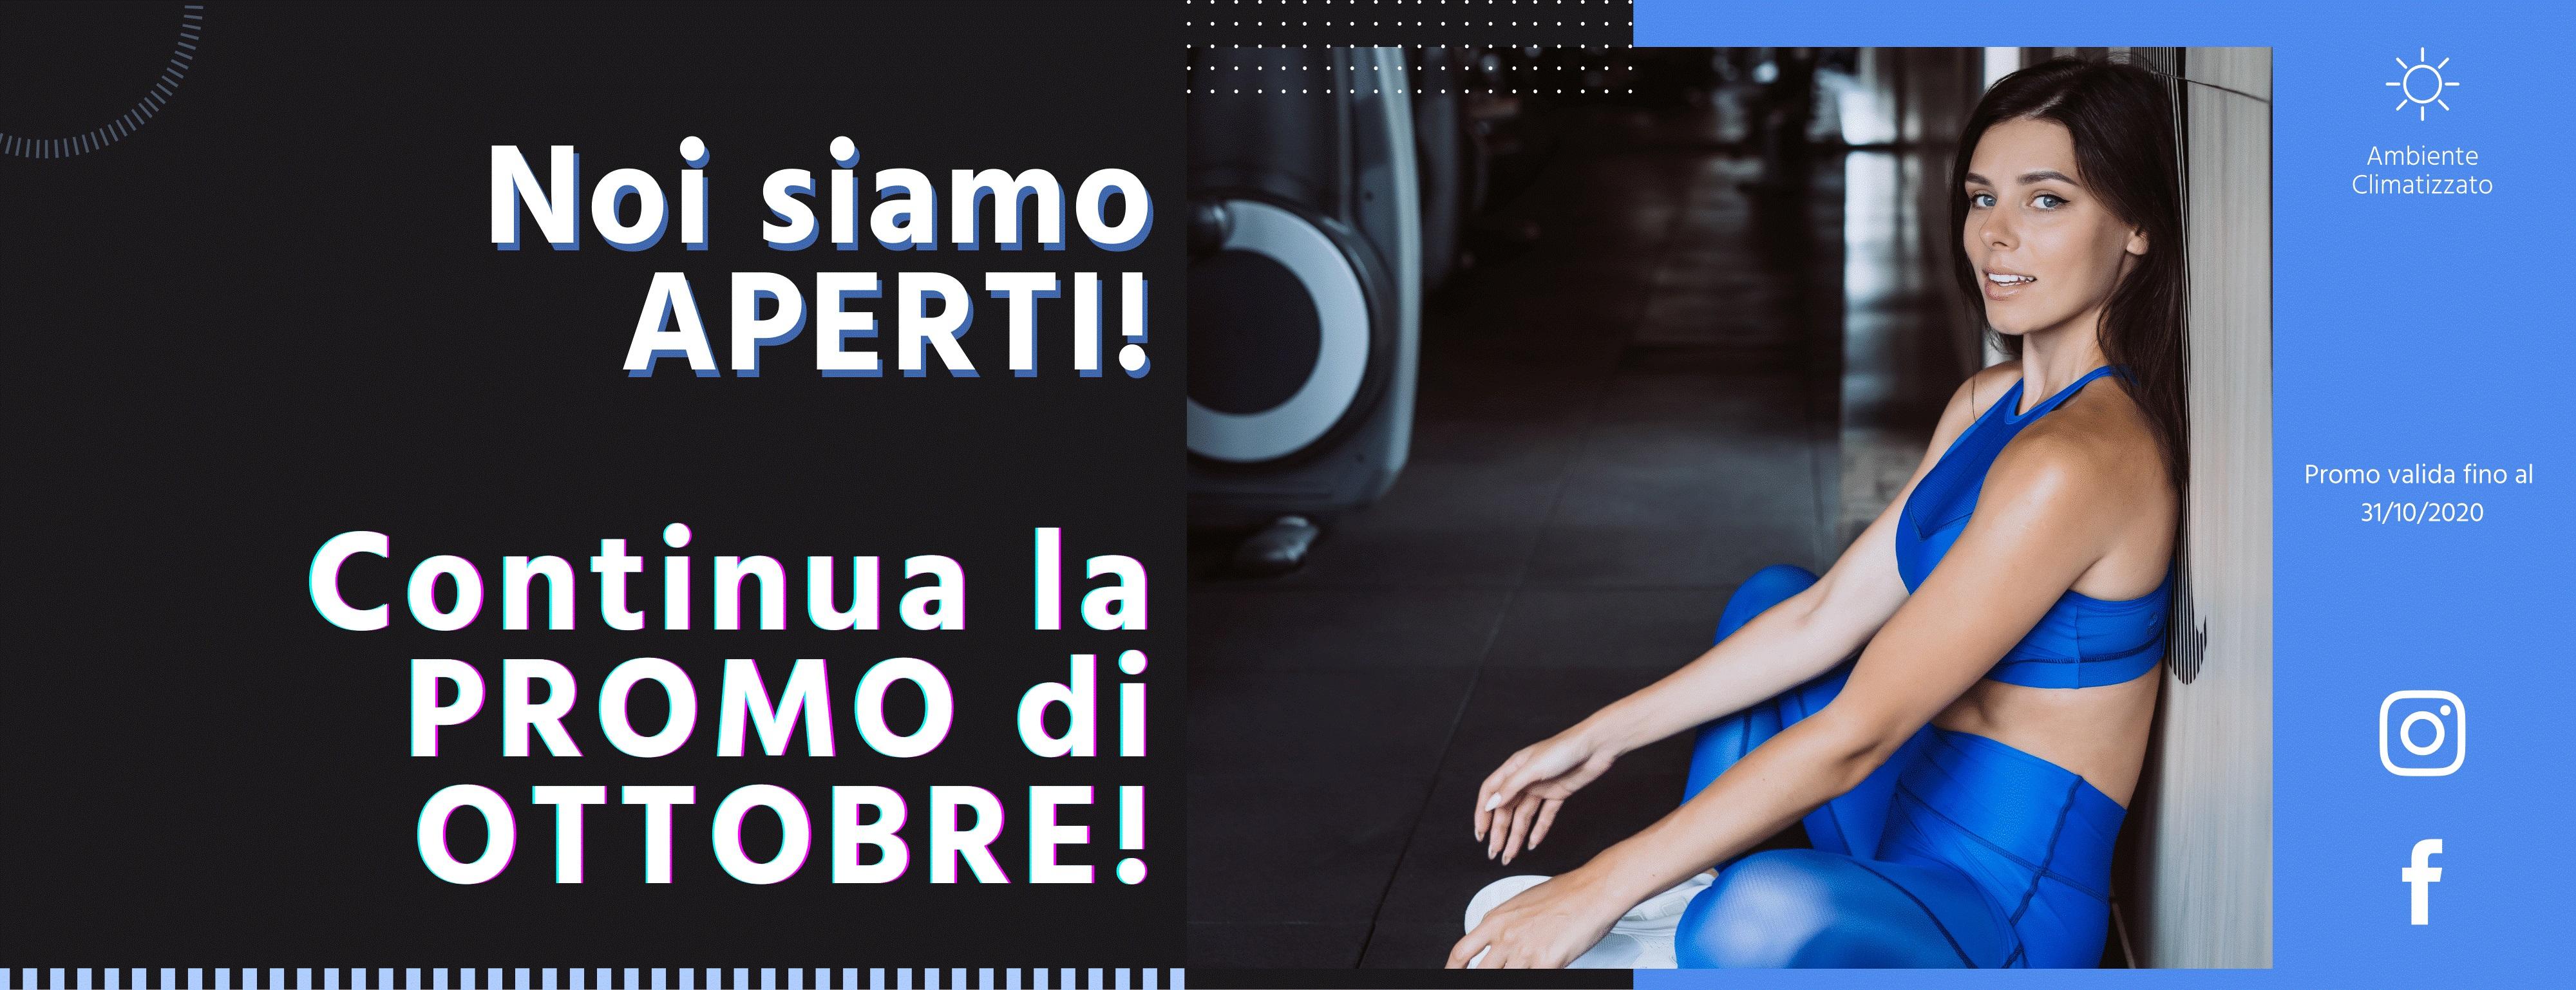 FIT624 Bergamo Promo Ottobre 2020